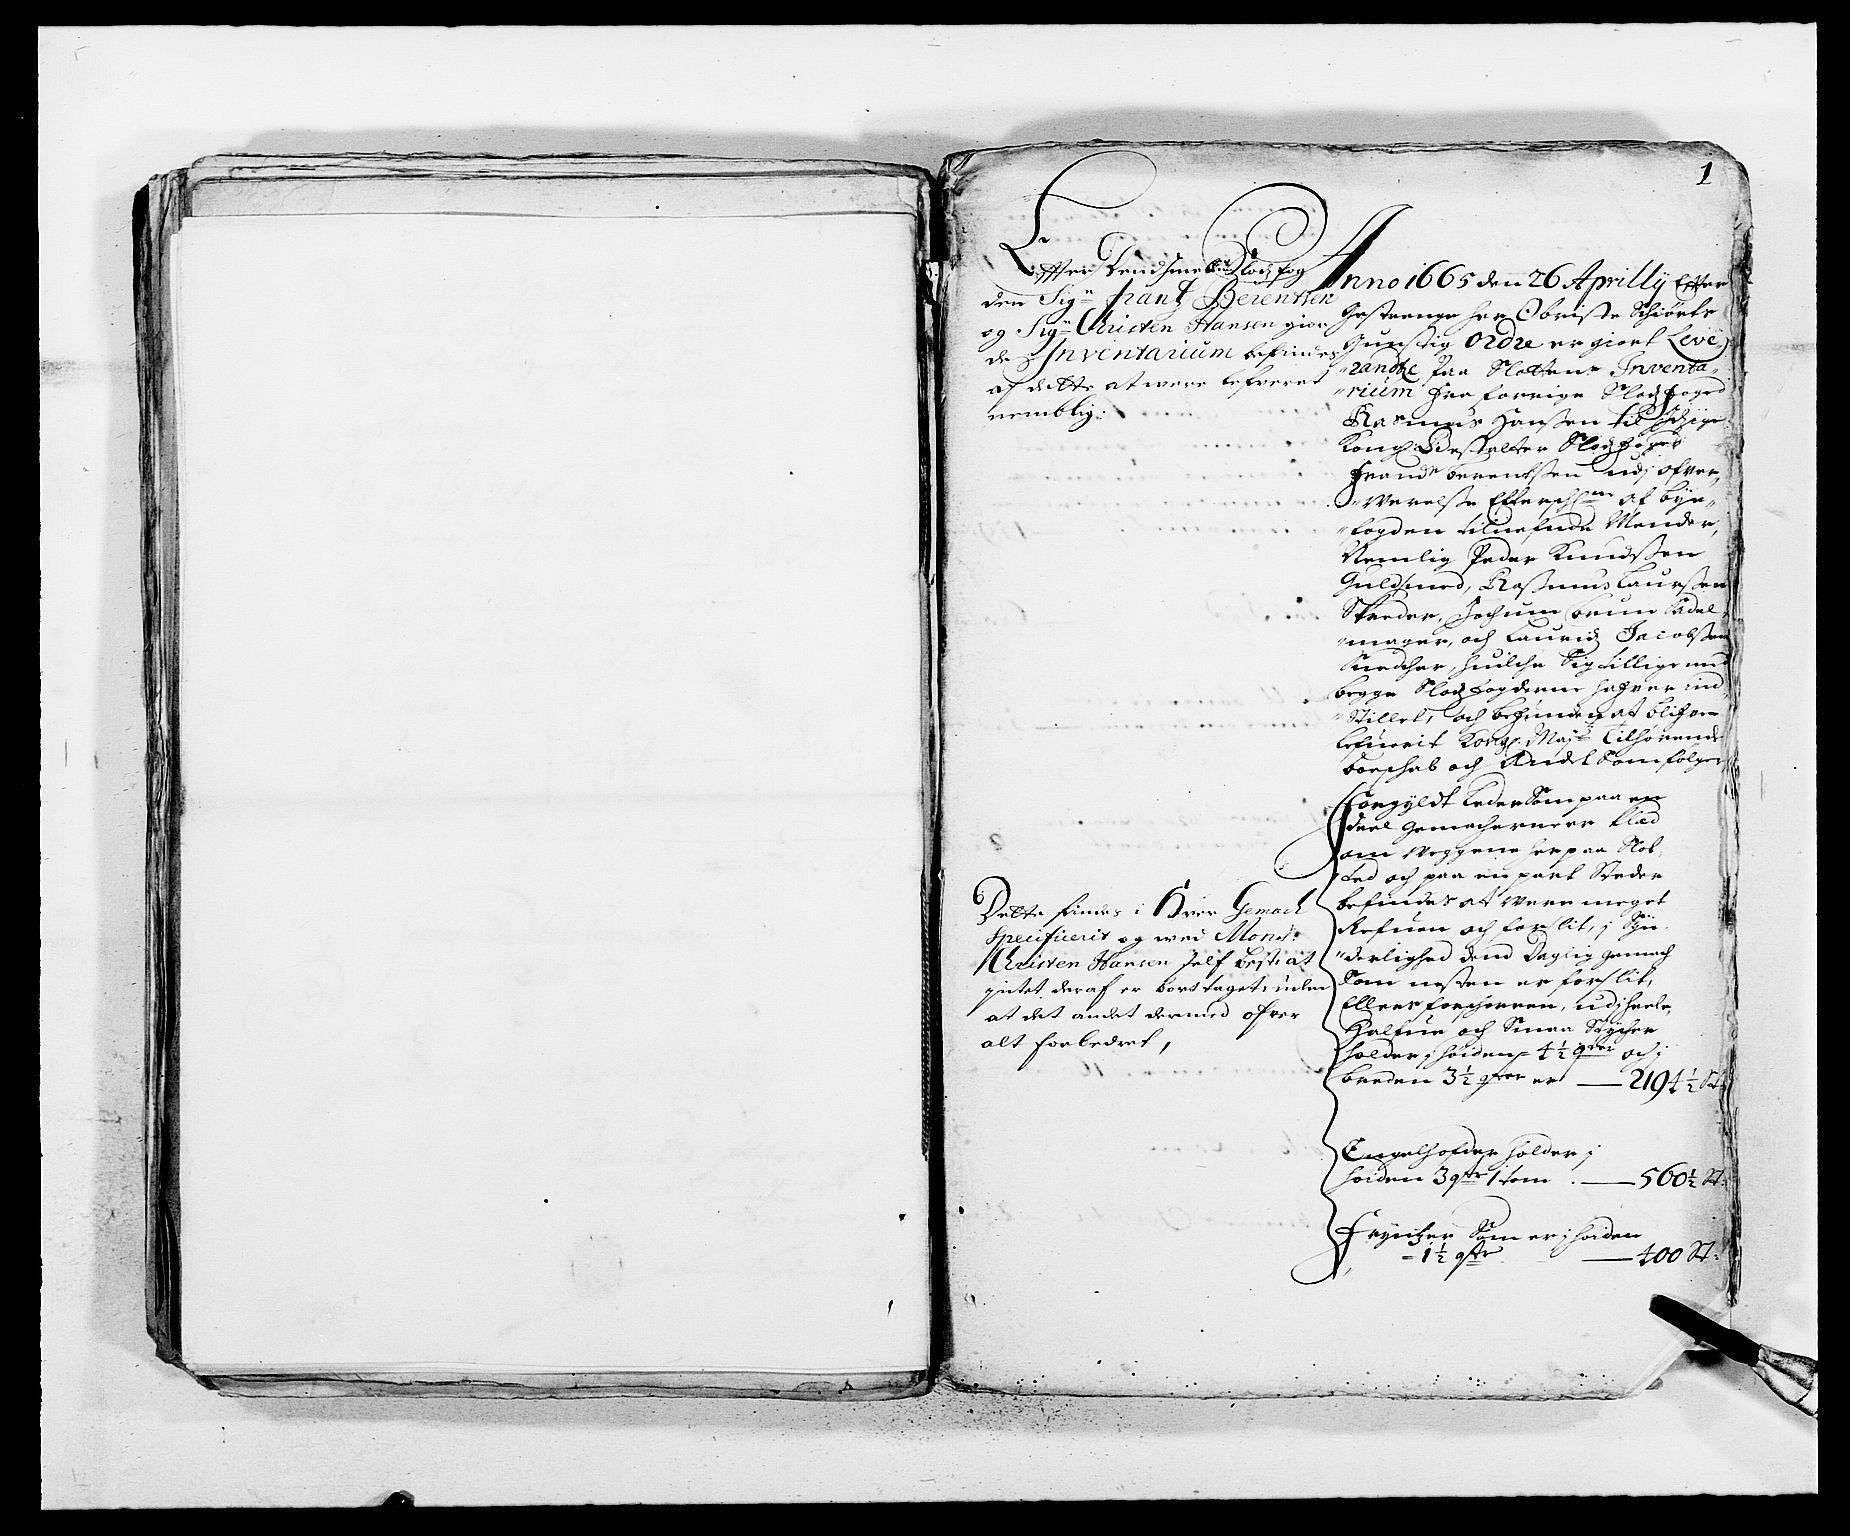 RA, Rentekammeret inntil 1814, Reviderte regnskaper, Fogderegnskap, R08/L0416: Fogderegnskap Aker, 1678-1681, s. 98